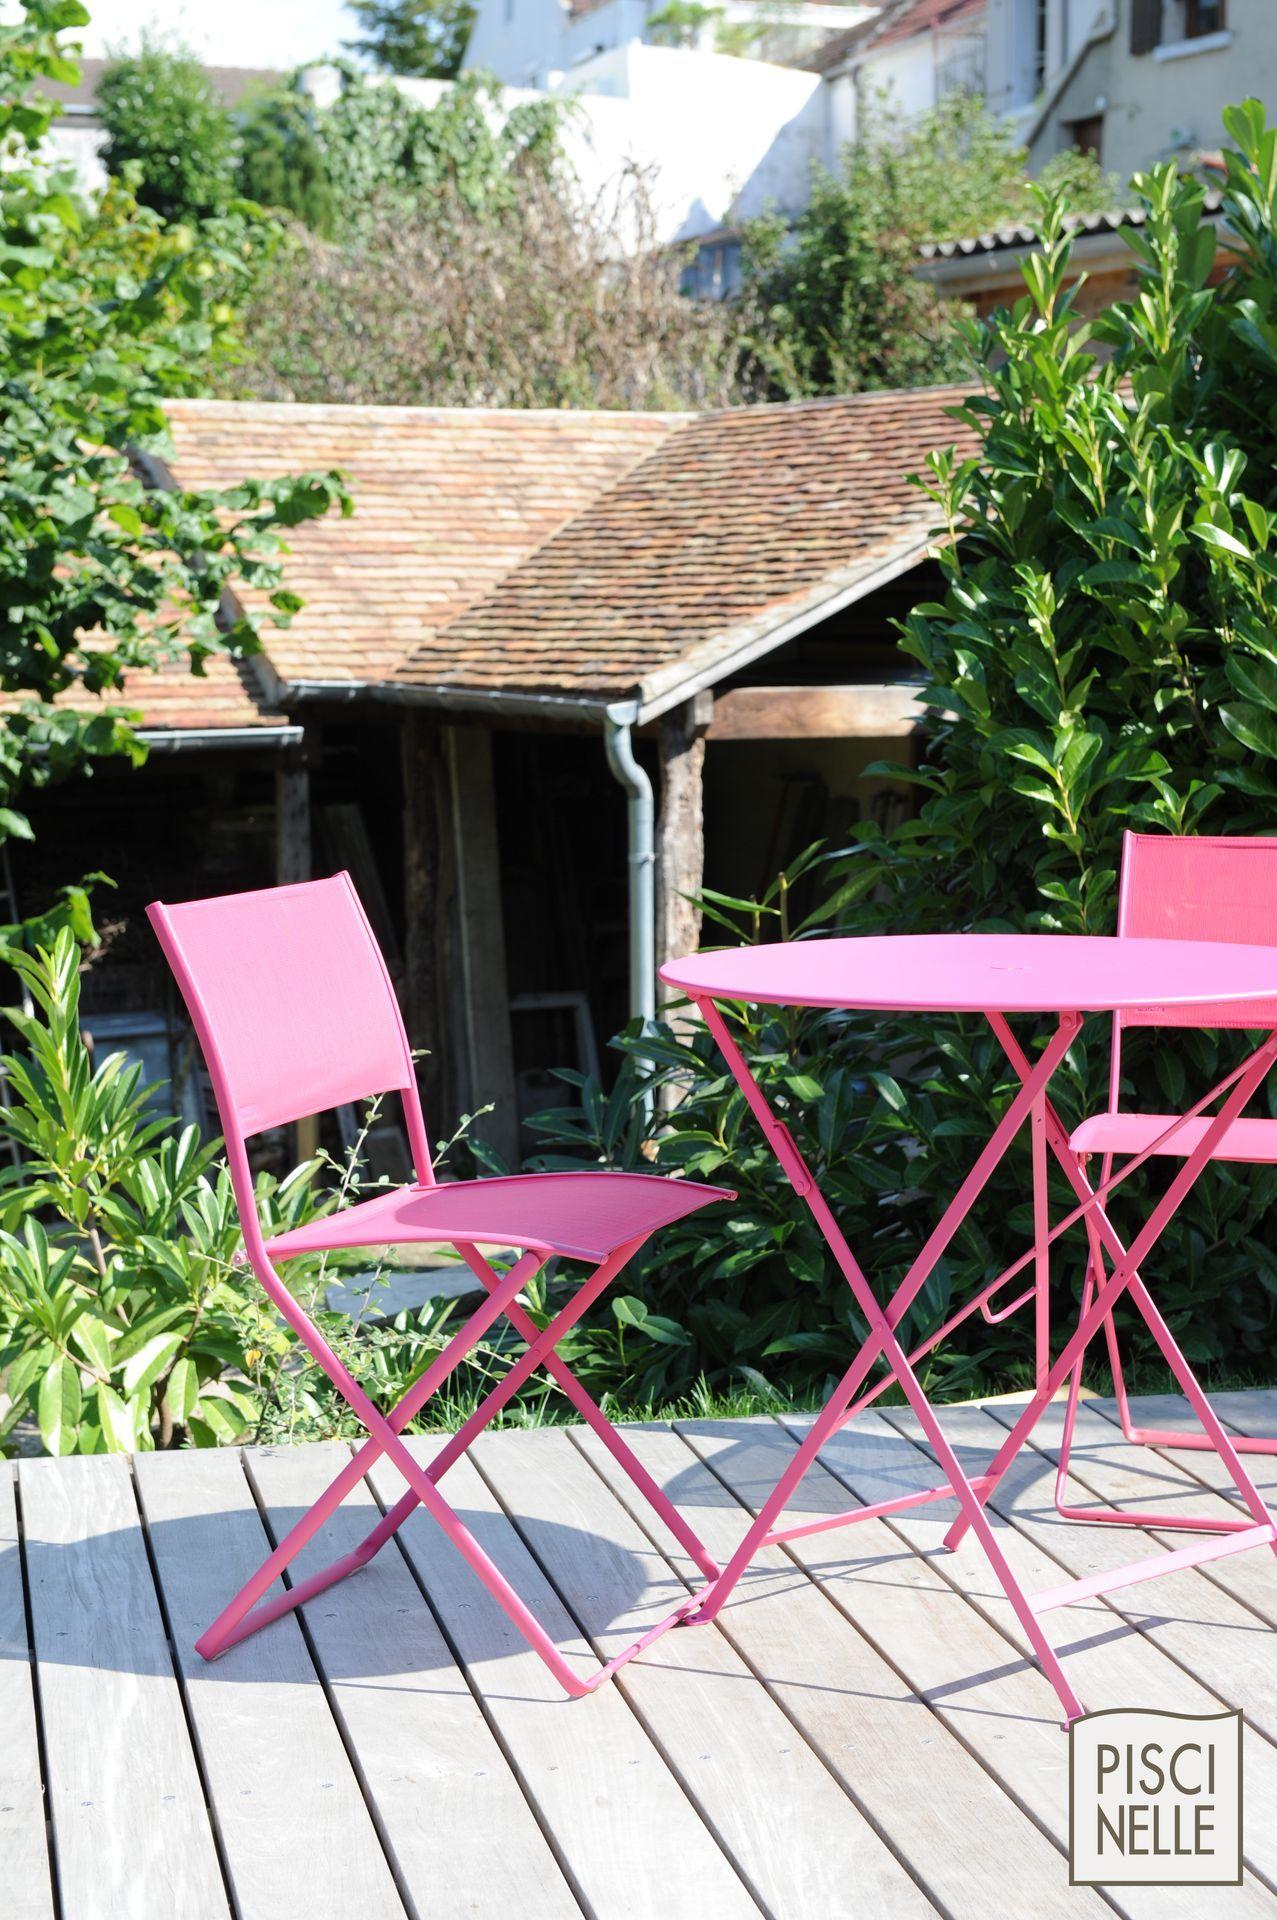 petite piscine design rectangulaire conviviale une touche de mobilier dextrieur rose comme incident graphique garant de la modernit de lensemble